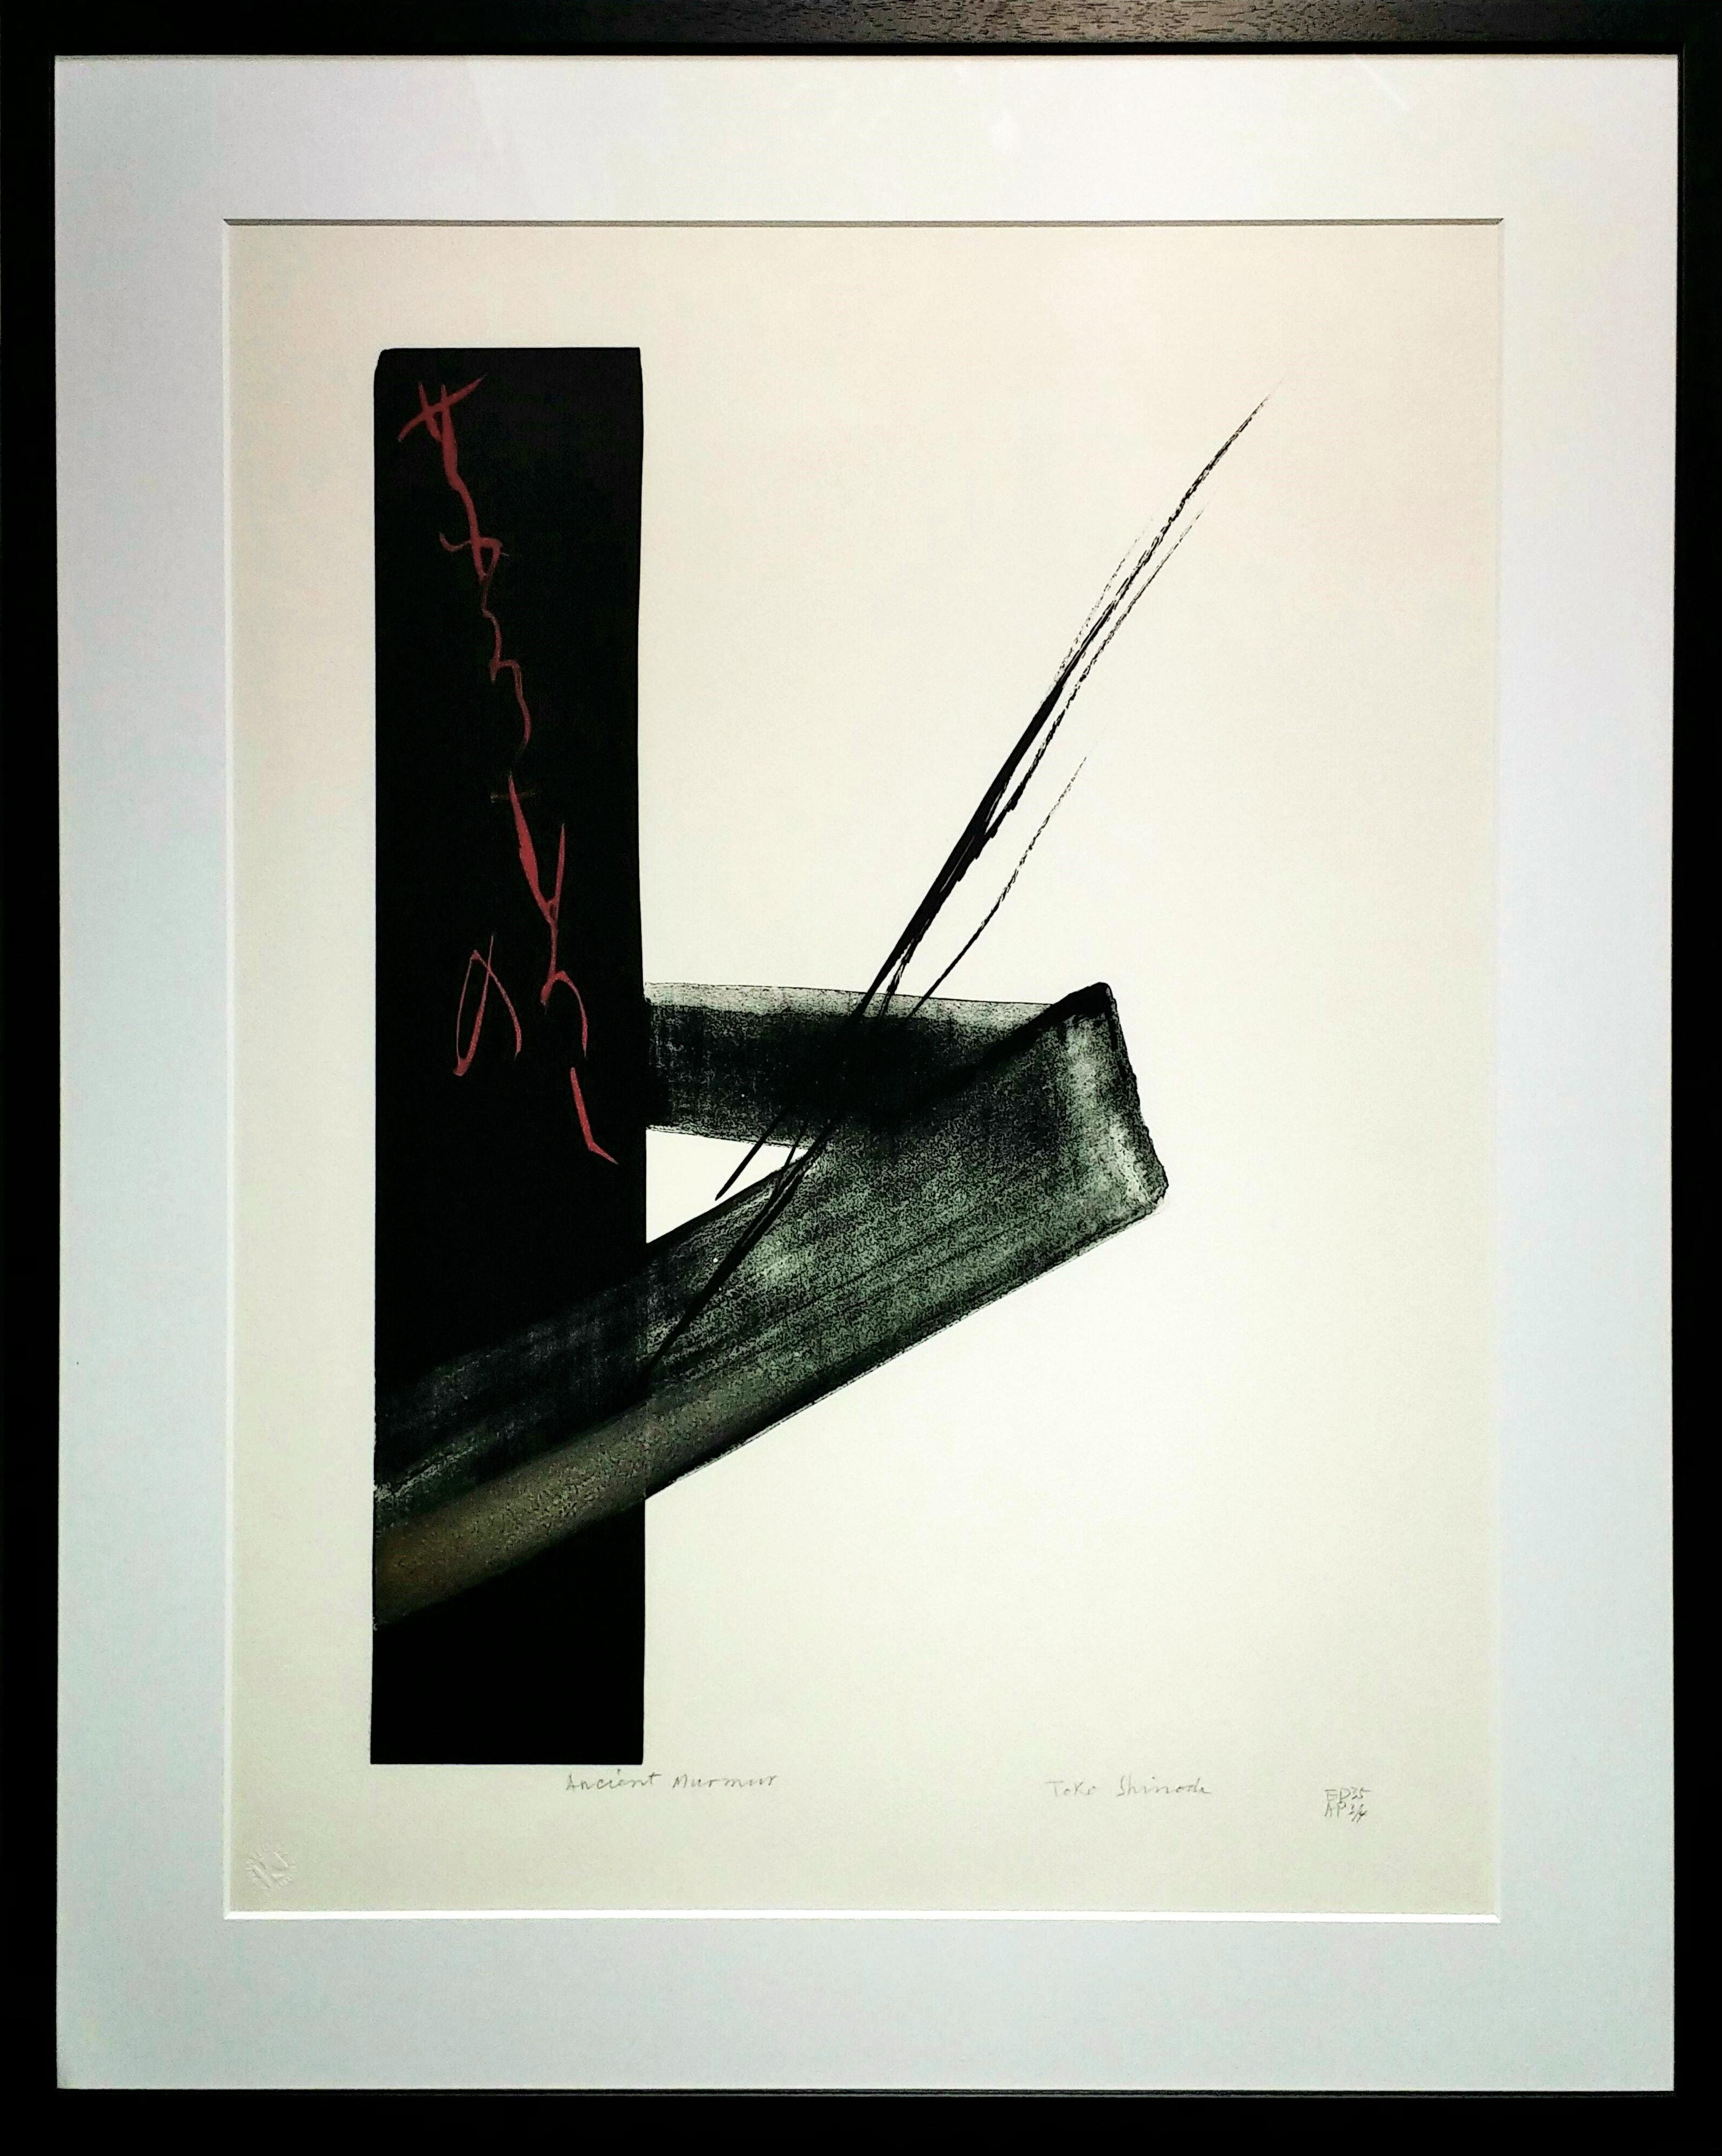 Ancinet-Murmur」手彩色リトグラフ68.4×51.3cm2.jpg